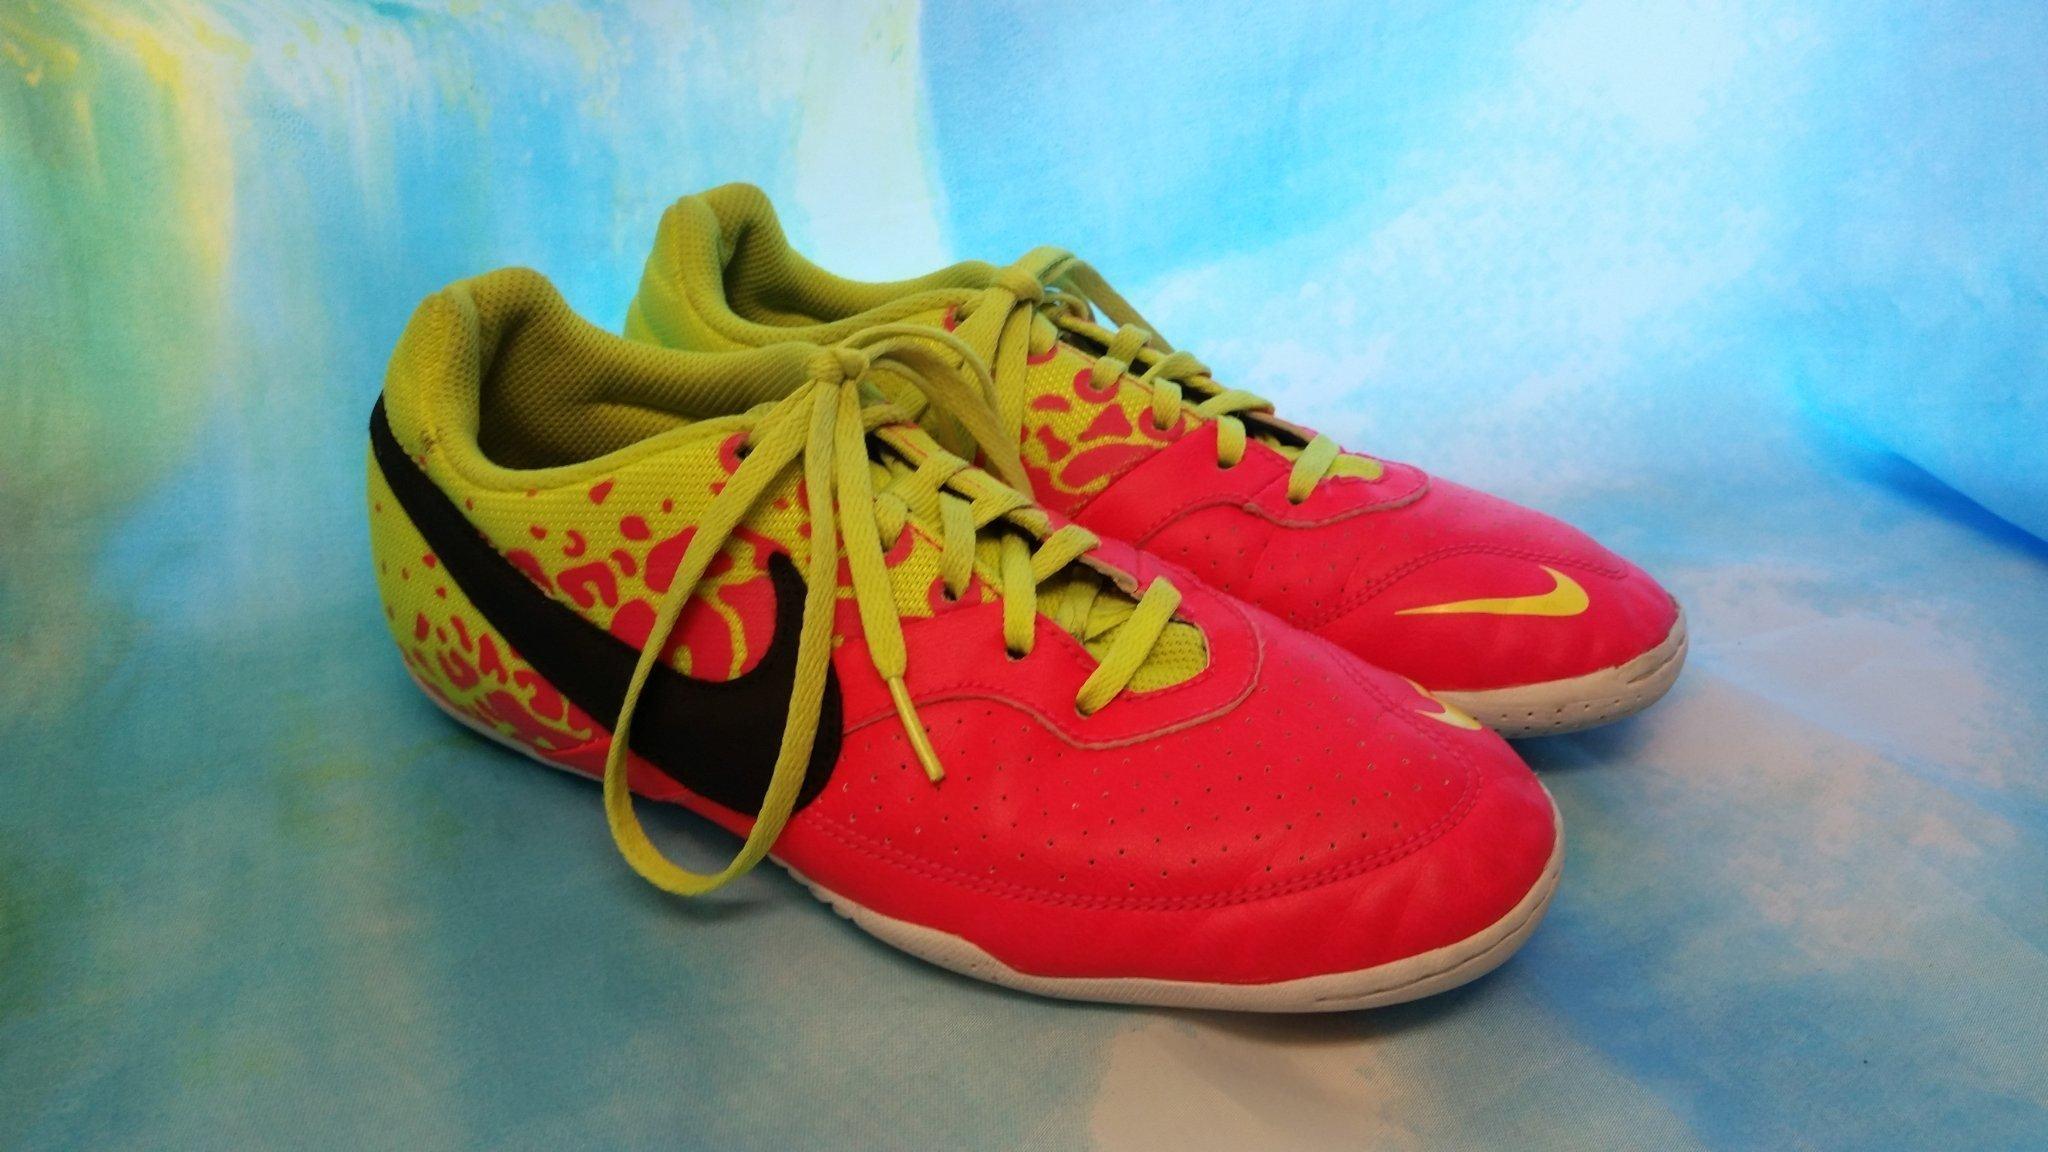 new style 2c7d1 8be88 Nike Elastico II inomhus träningsskor - 38,5